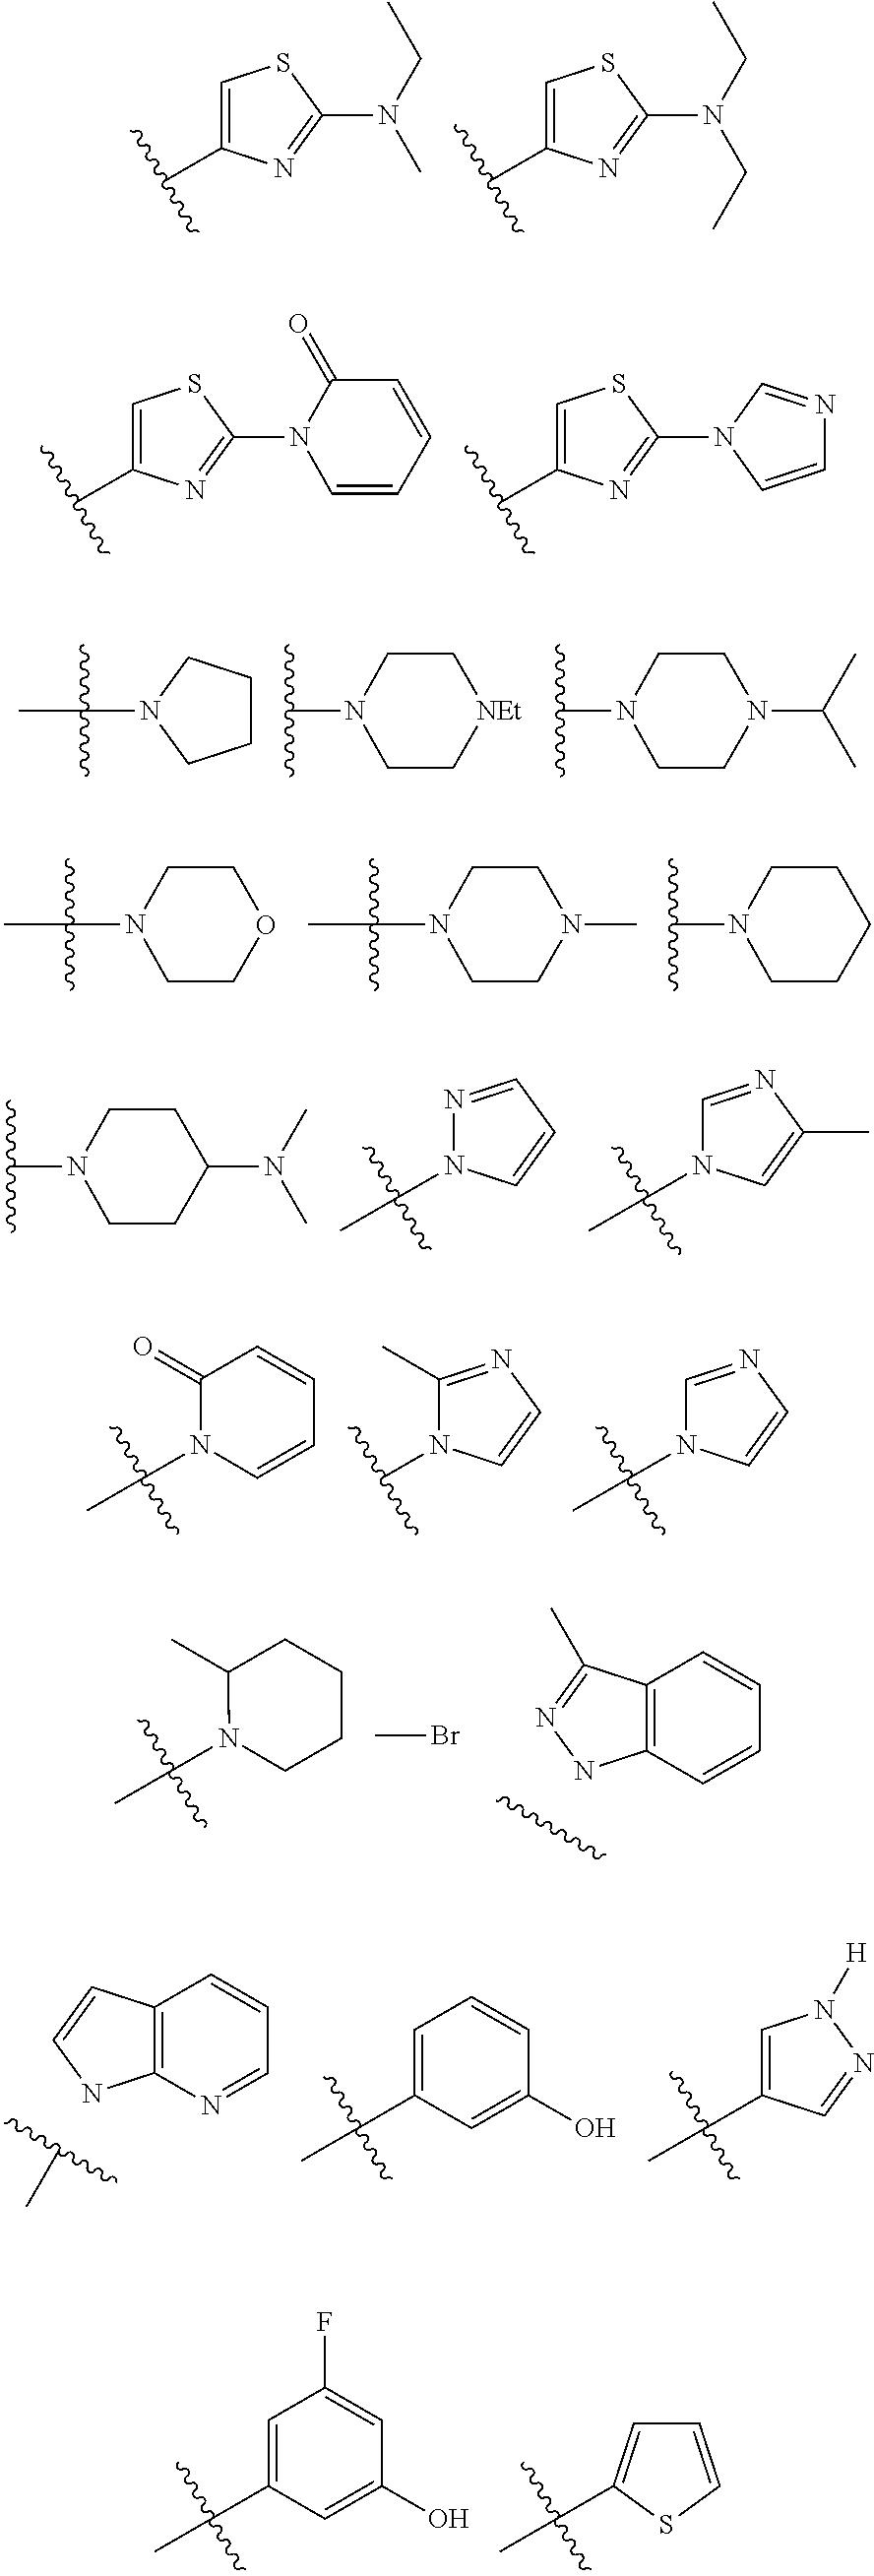 Figure US09359349-20160607-C00026